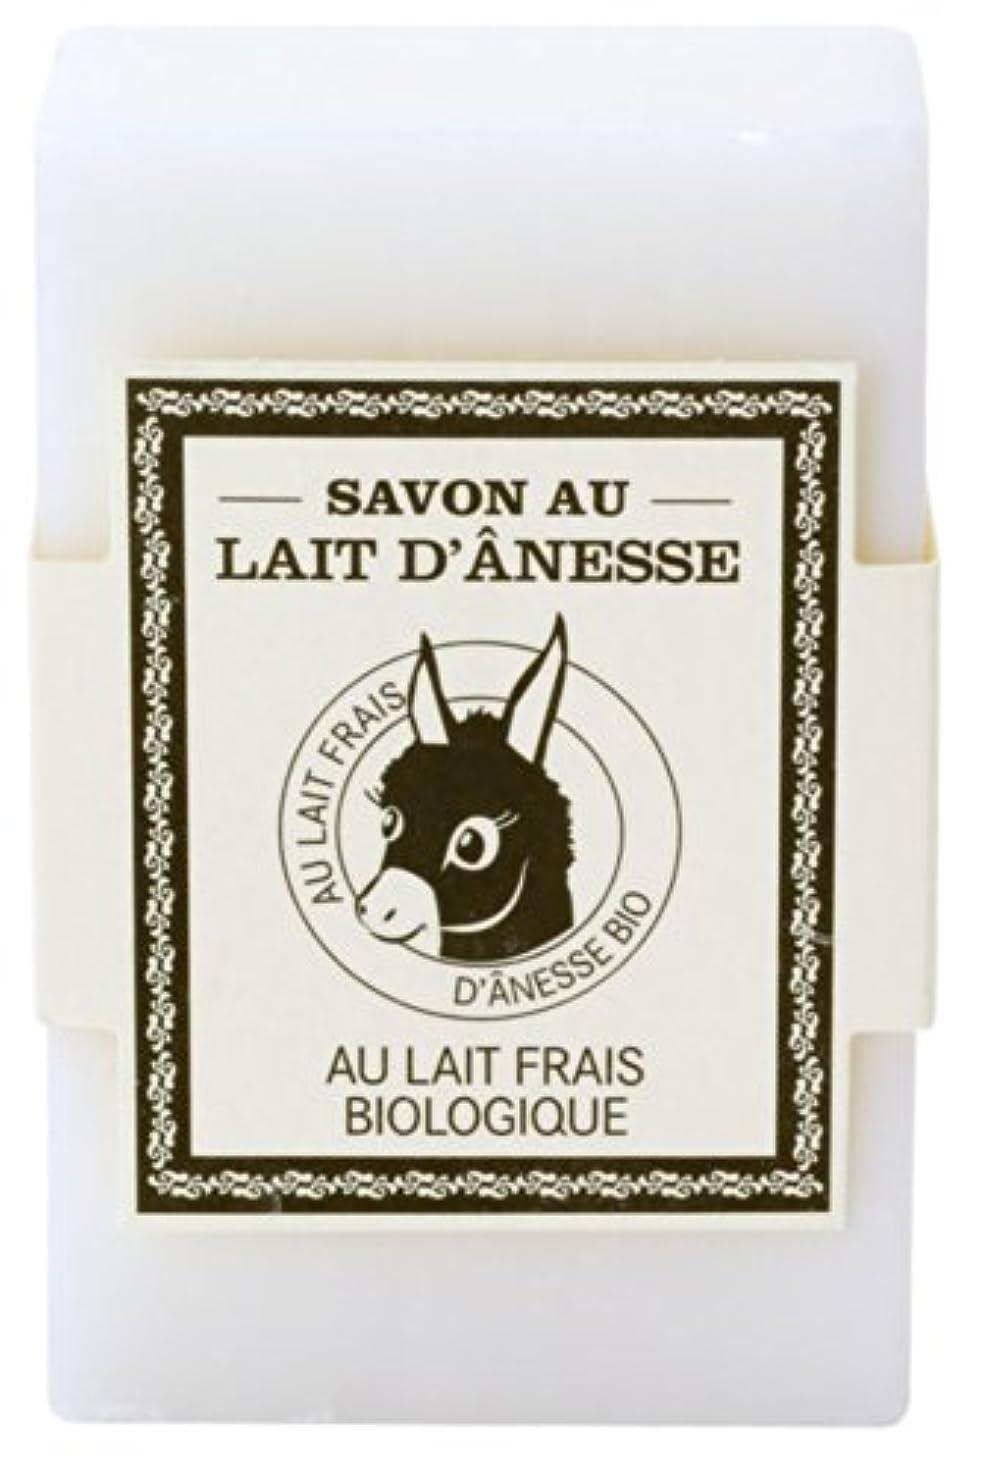 フィルタ特許ブラウザノルコーポレーション プロヴァンス ロバミルク石鹸 フレッシュロバミルク OB-PVP-3-1